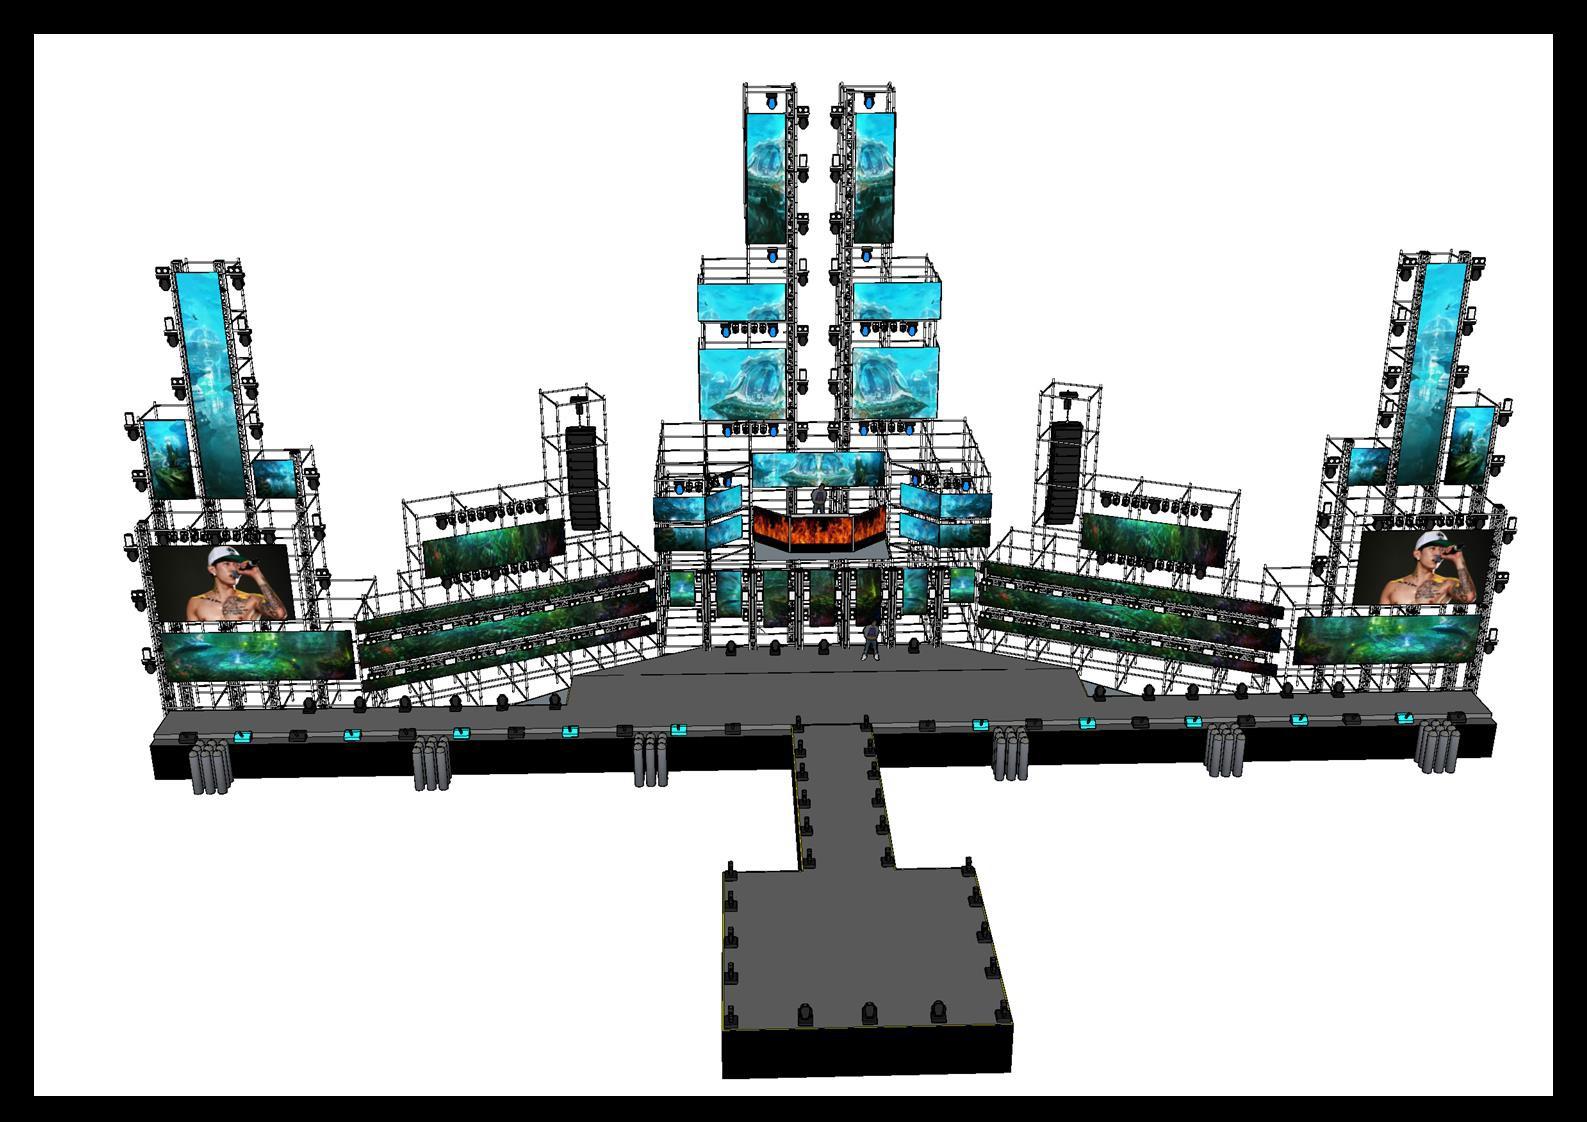 Lộ diện sân khấu Aqua League: Pháo đài nước khổng lồ sử dụng 100 tấn thiết bị và những khó khăn chưa từng tiết lộ - Ảnh 1.